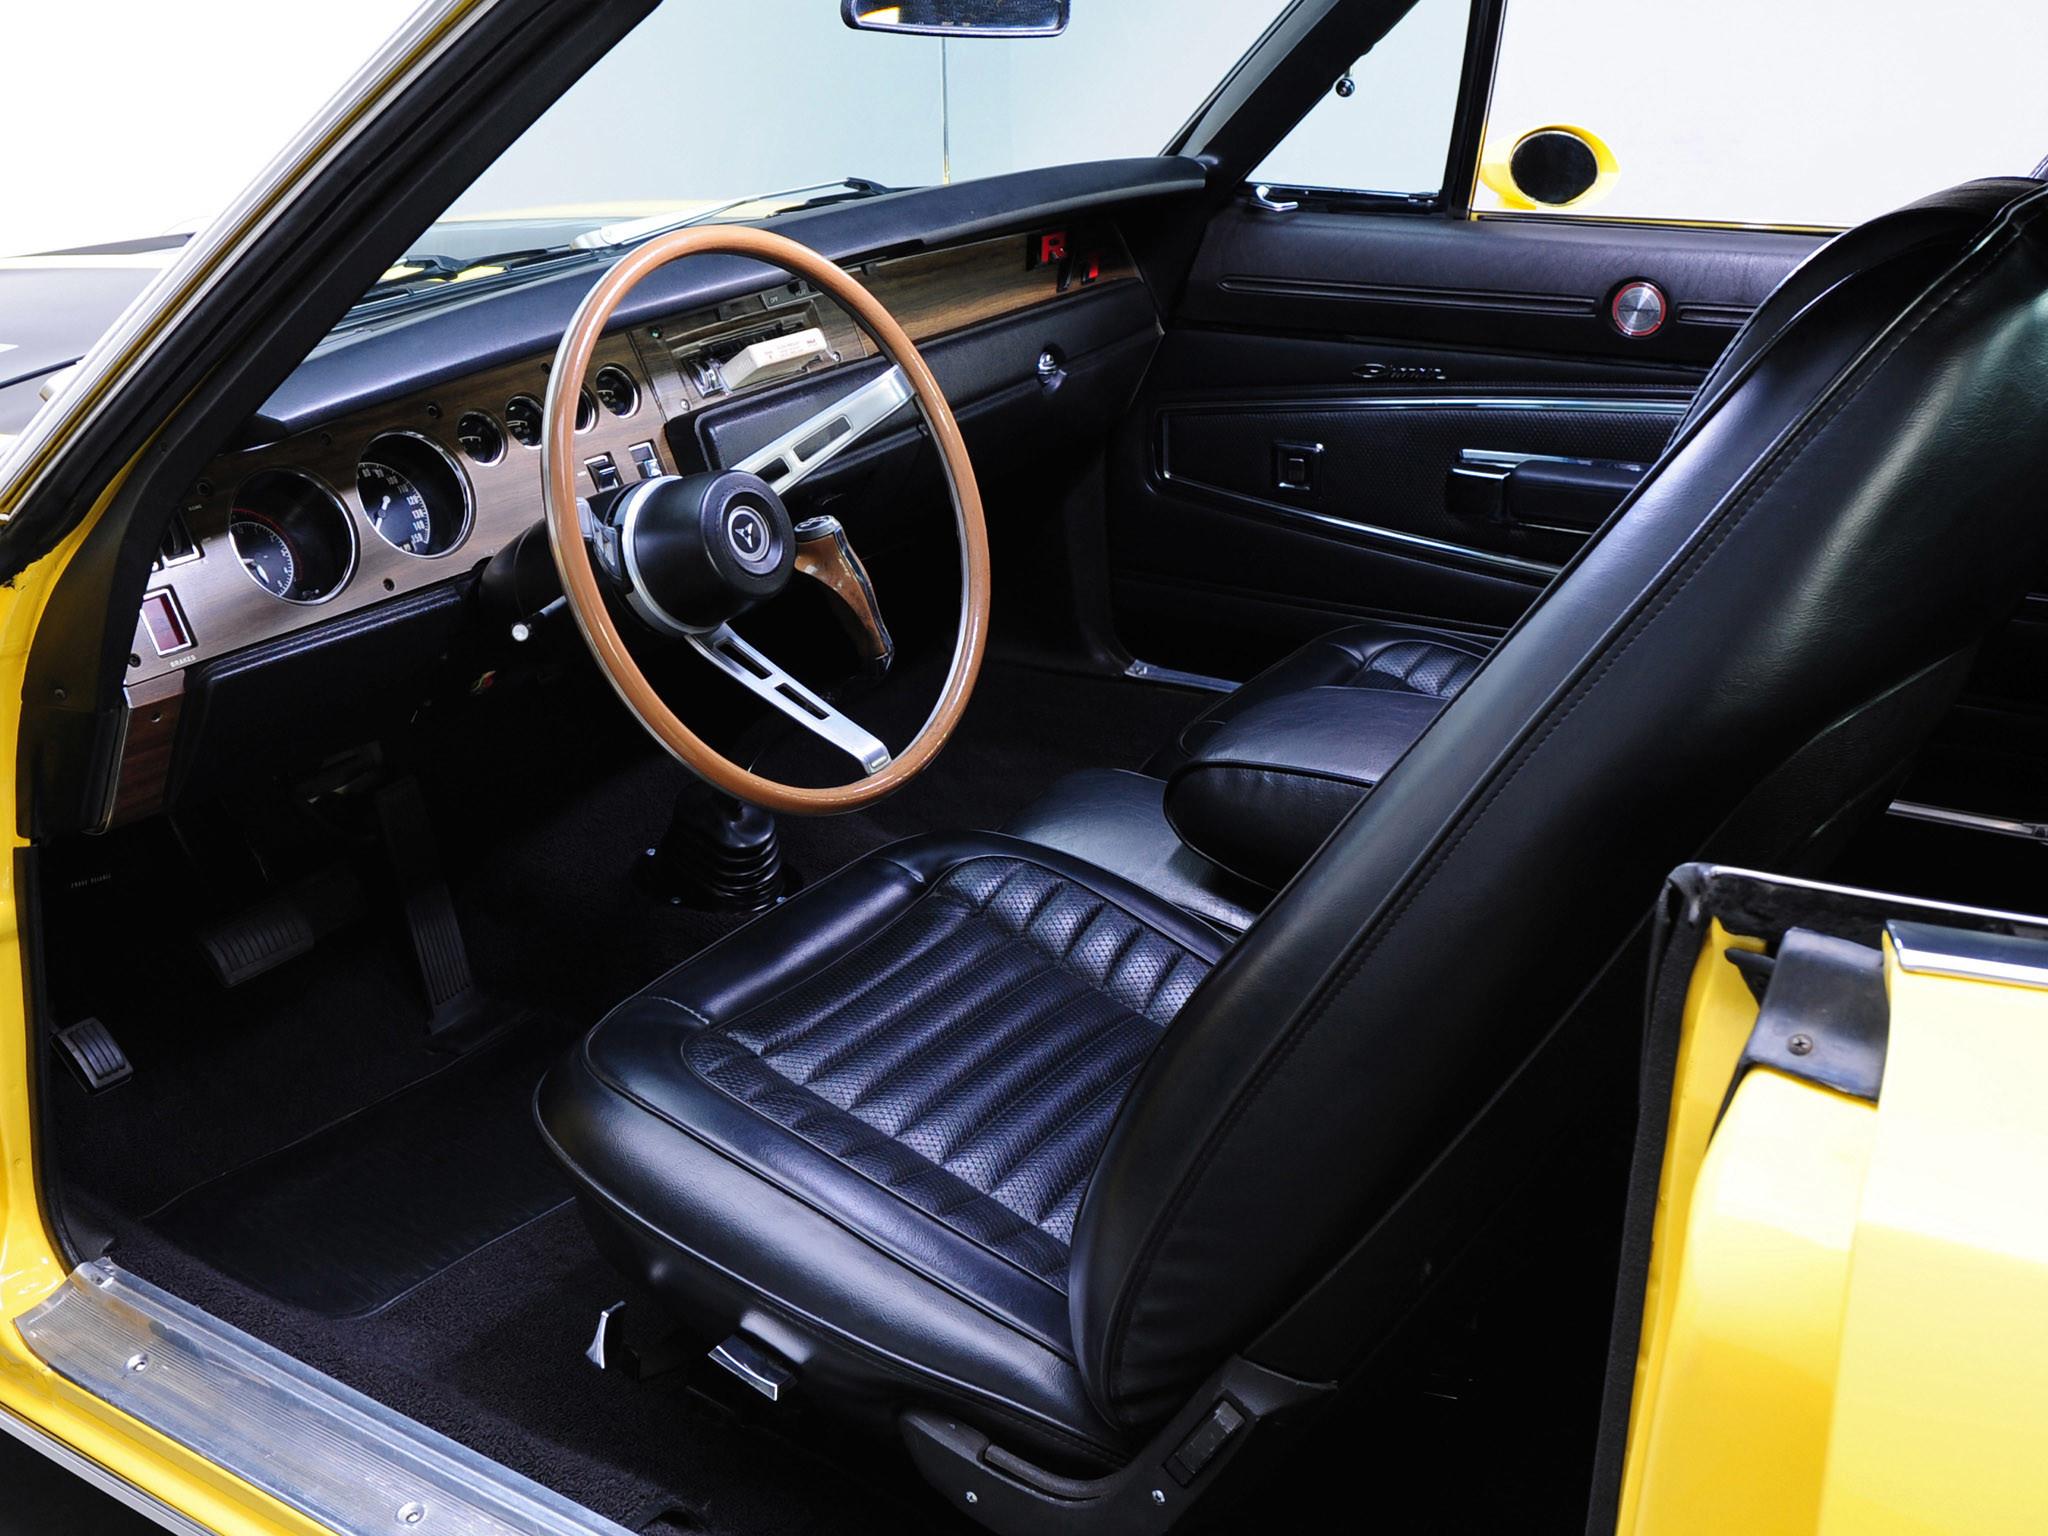 1970 Dodge Charger R-T 426 Hemi classic muscle mopar … | 2048 x 1536